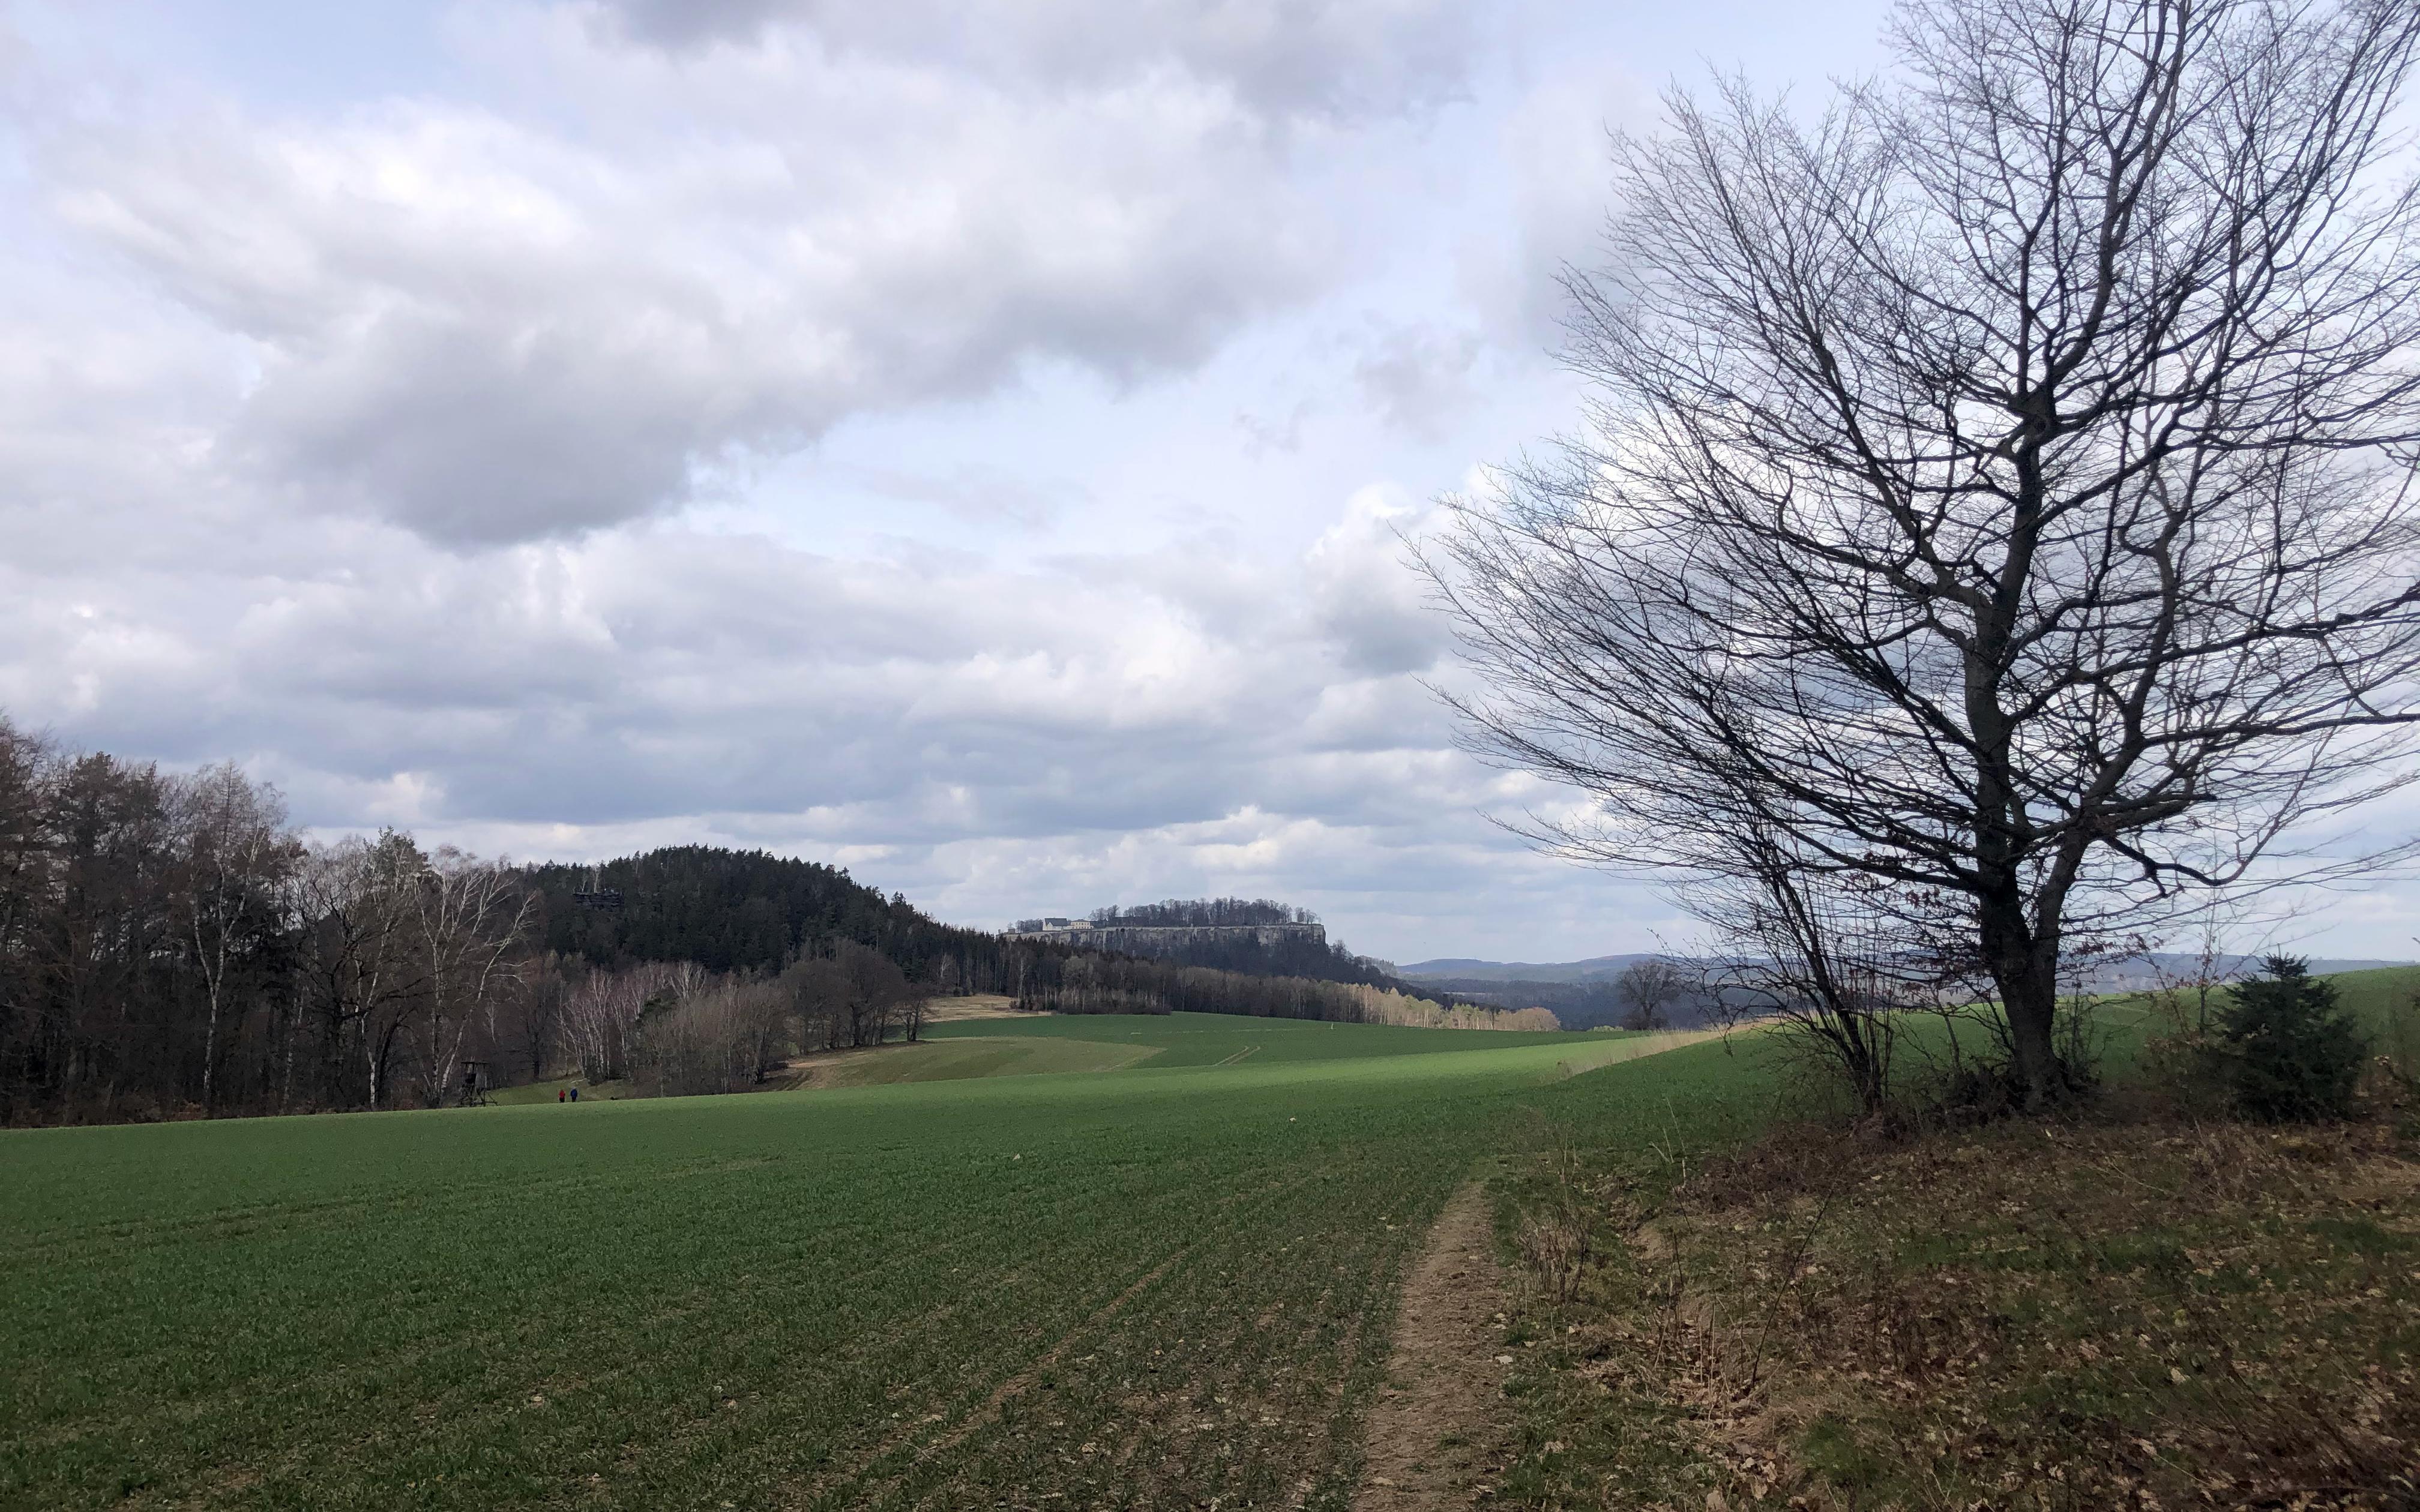 Am zweiten Cache kann man die Aussicht mit der Festung Königstein in der Ferne genießen.